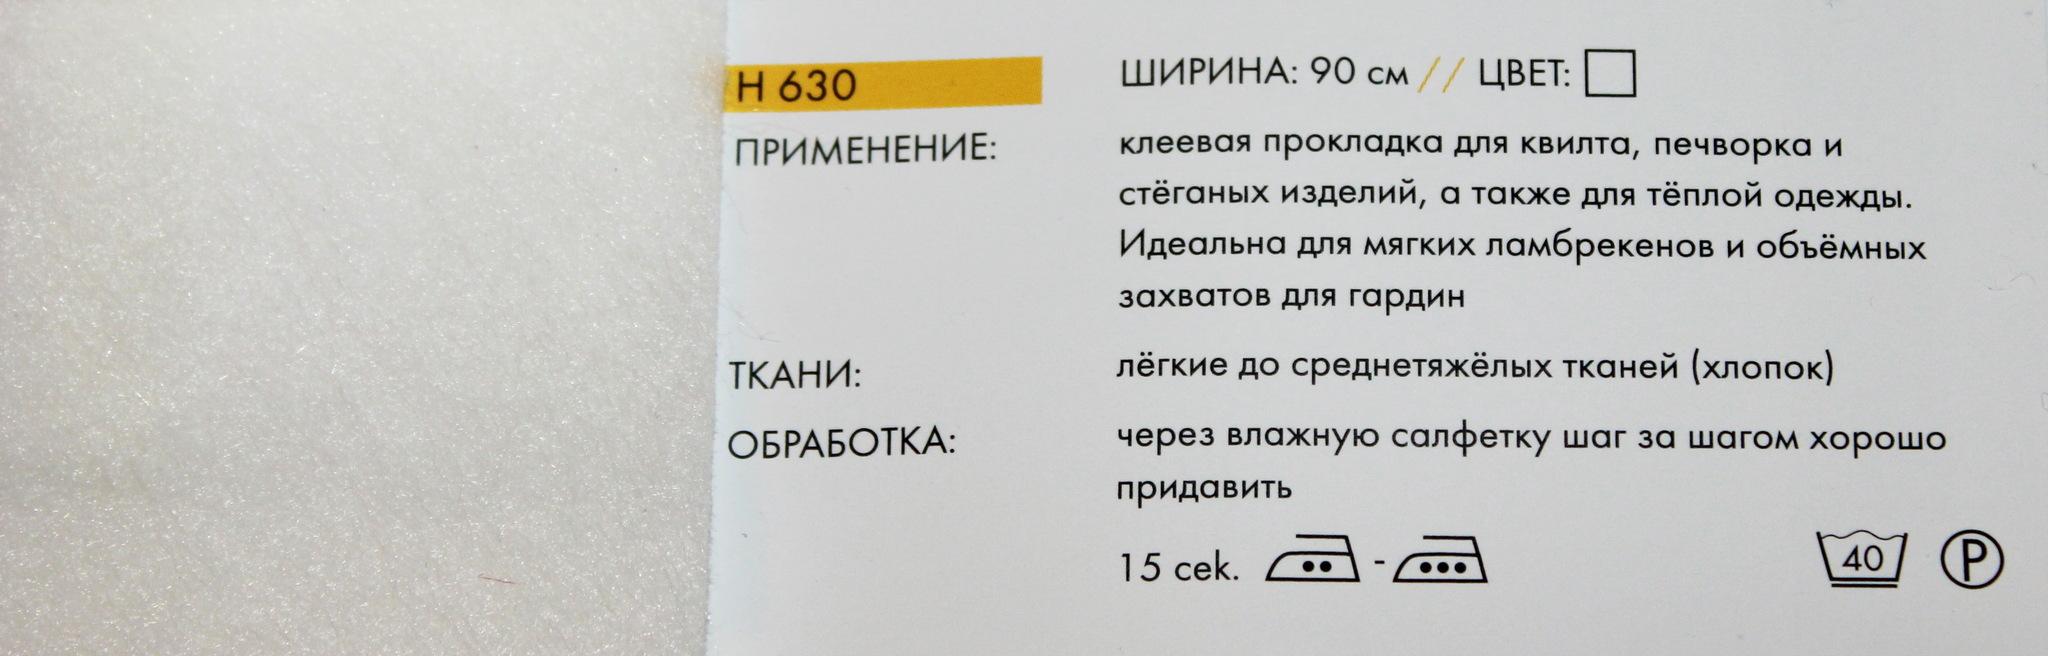 Флизелин объёмный H630 односторонний клеевой (Германия) (45х45см)